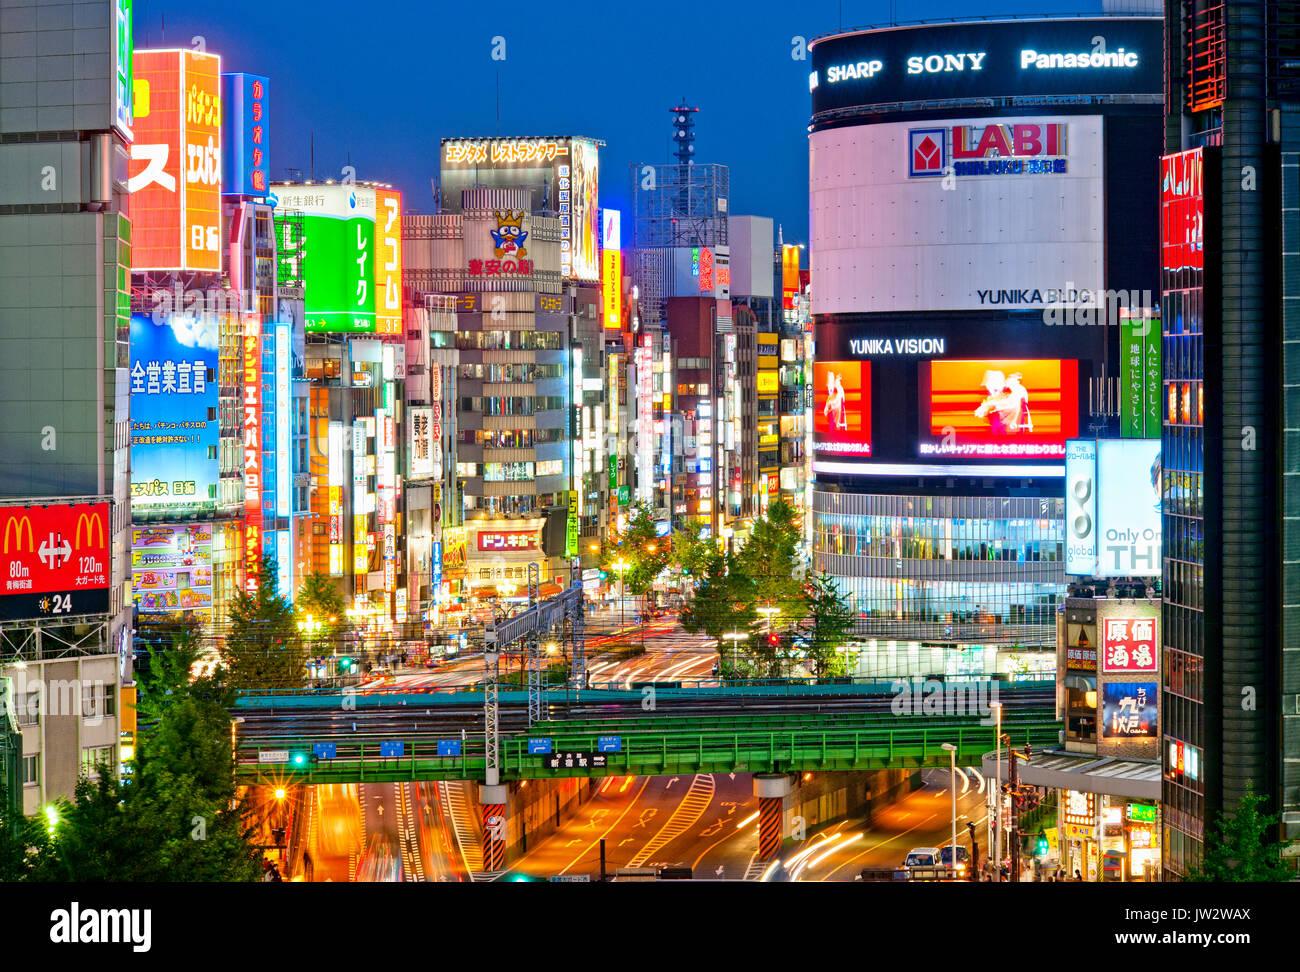 Shinjuku Tokyo Japón Yasukuni Dori Kabukicho Skyline en la noche. Imagen De Stock